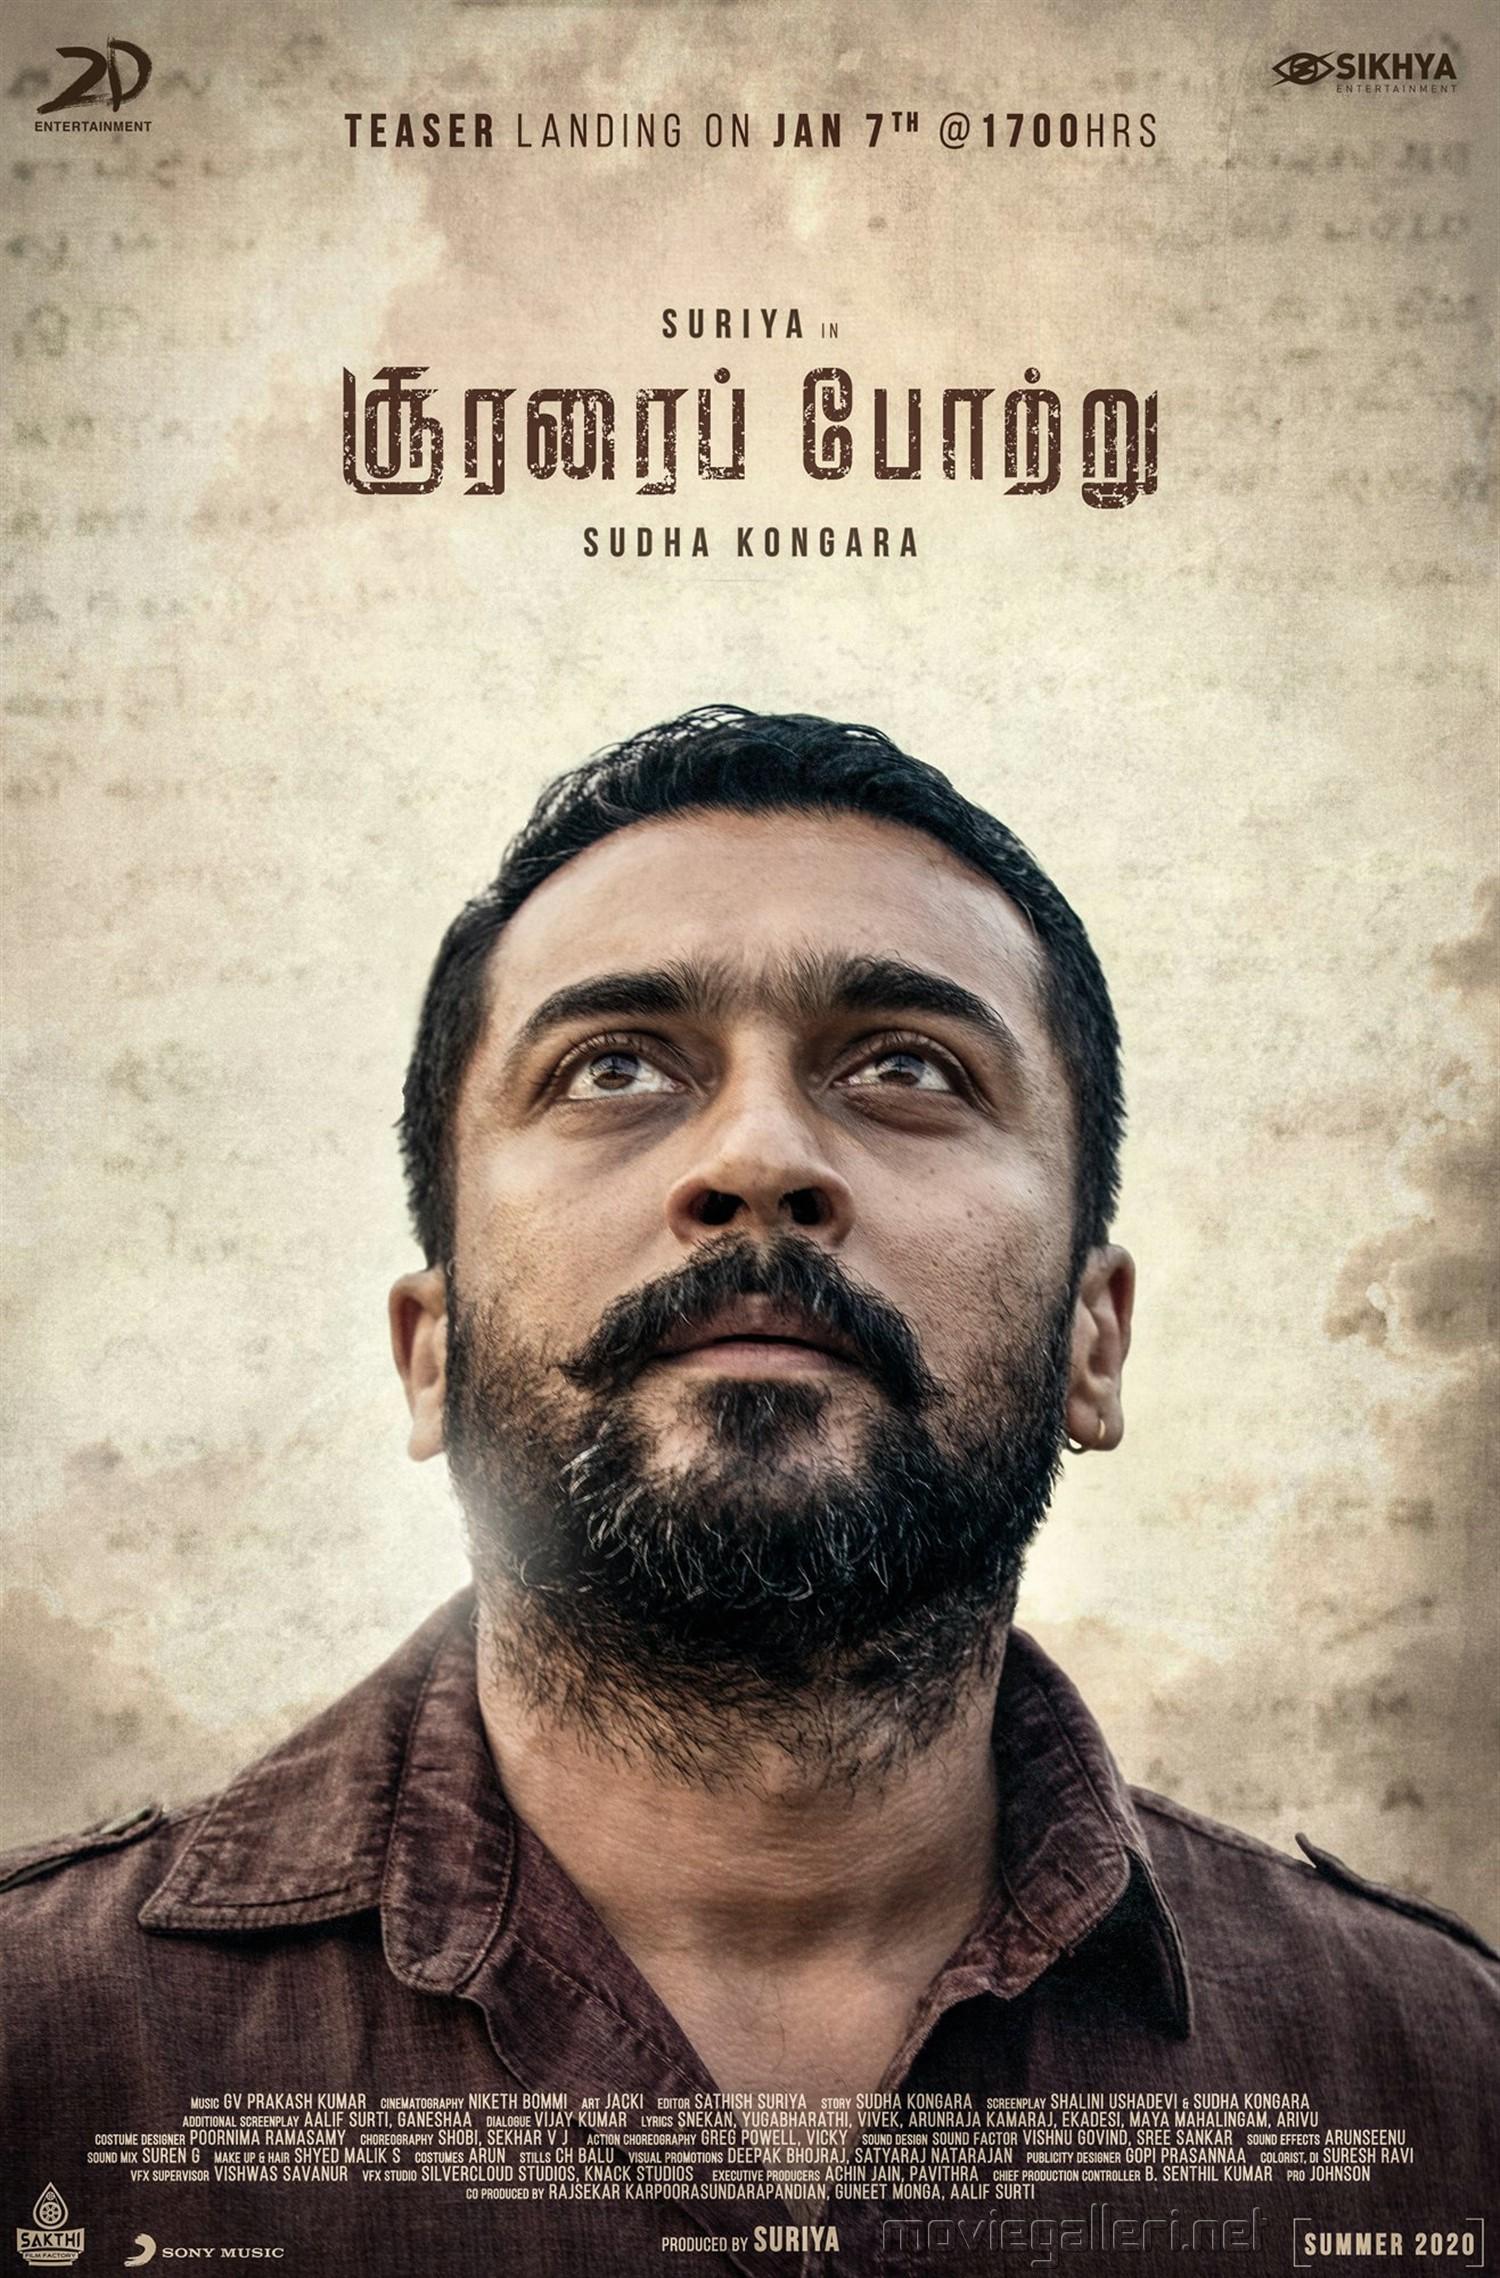 Actor Suriya Soorarai Pottru Teaser Release Jan 7th Poster HD